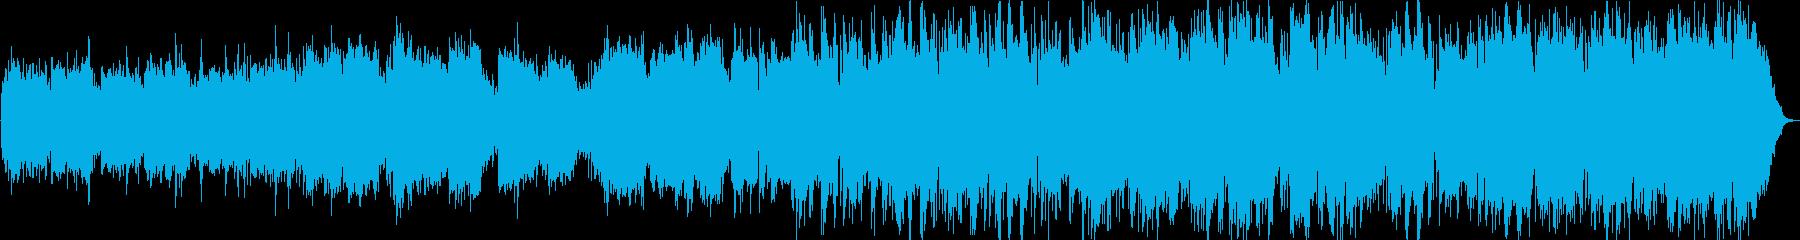 鐘の音と生演奏の笛の長閑なヒーリング音楽の再生済みの波形